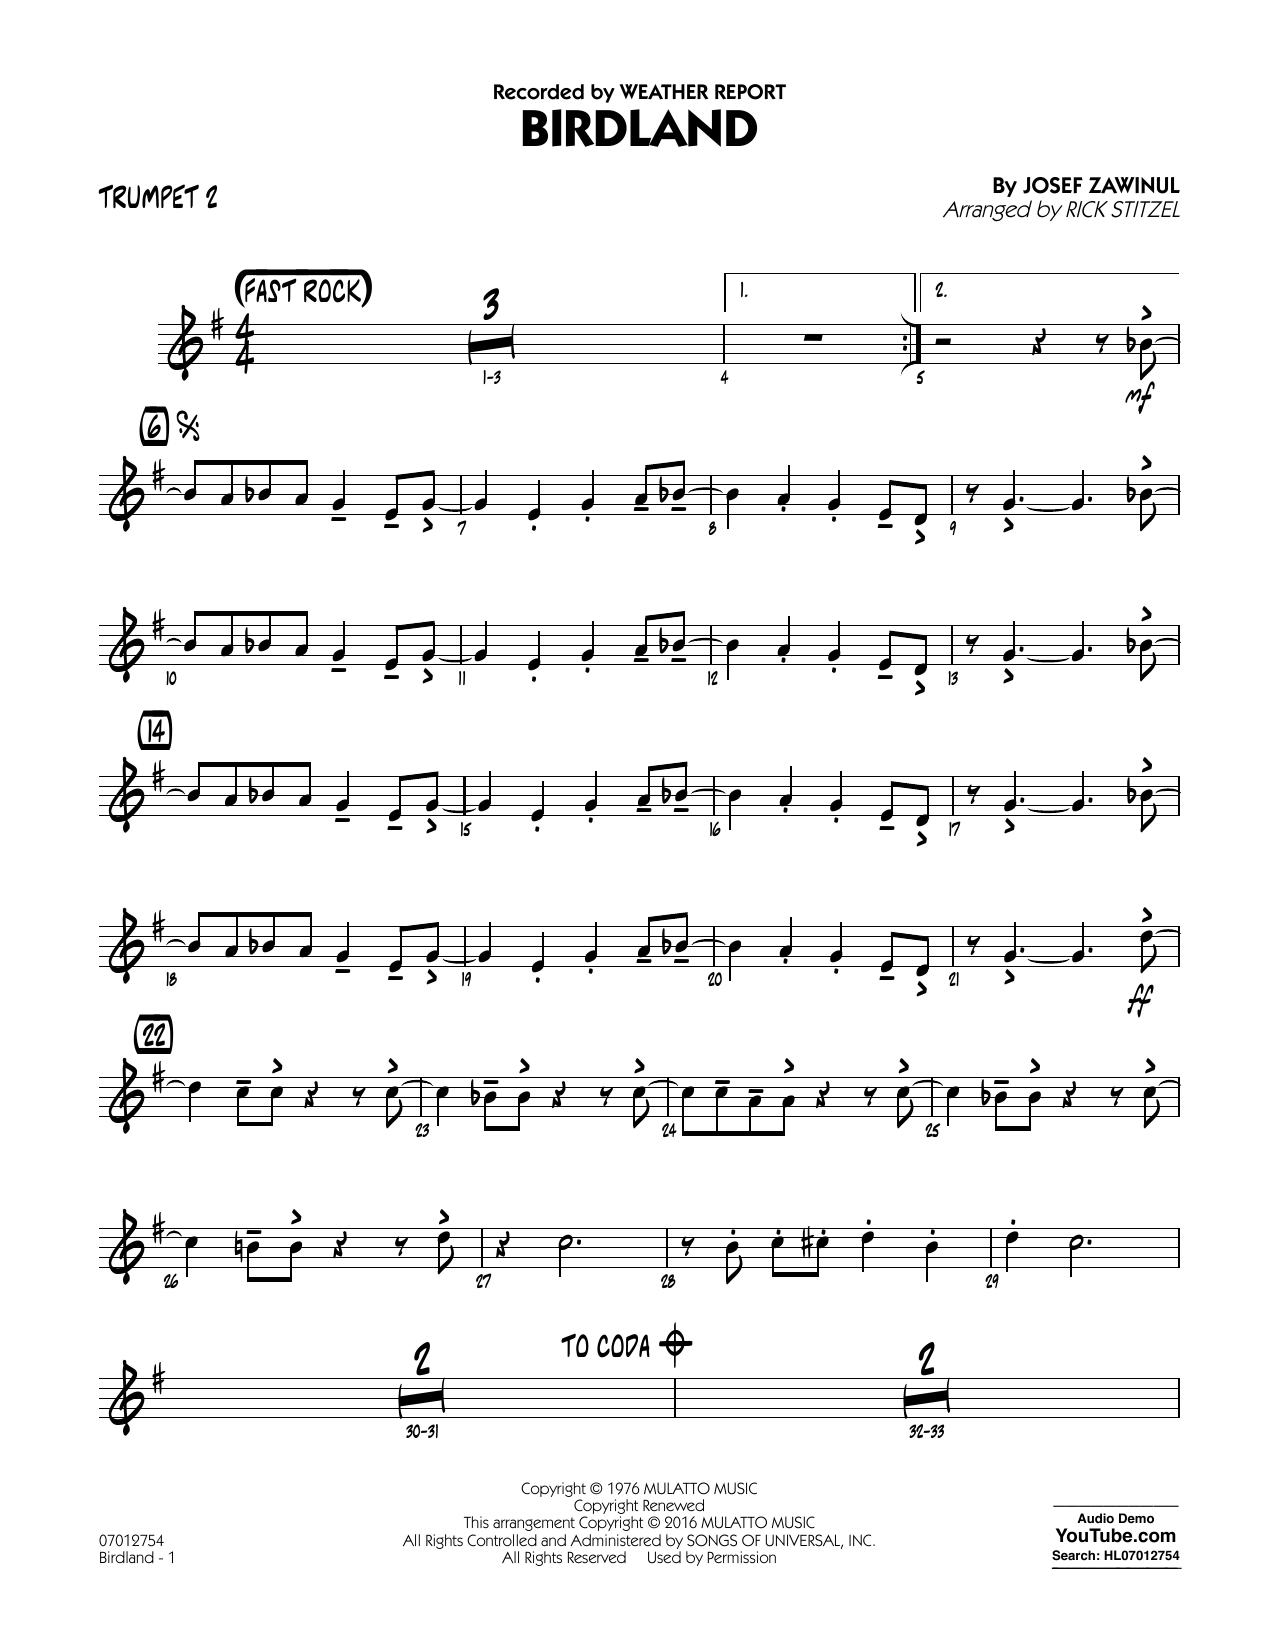 Manhattan Transfer - Birdland - Trumpet 2